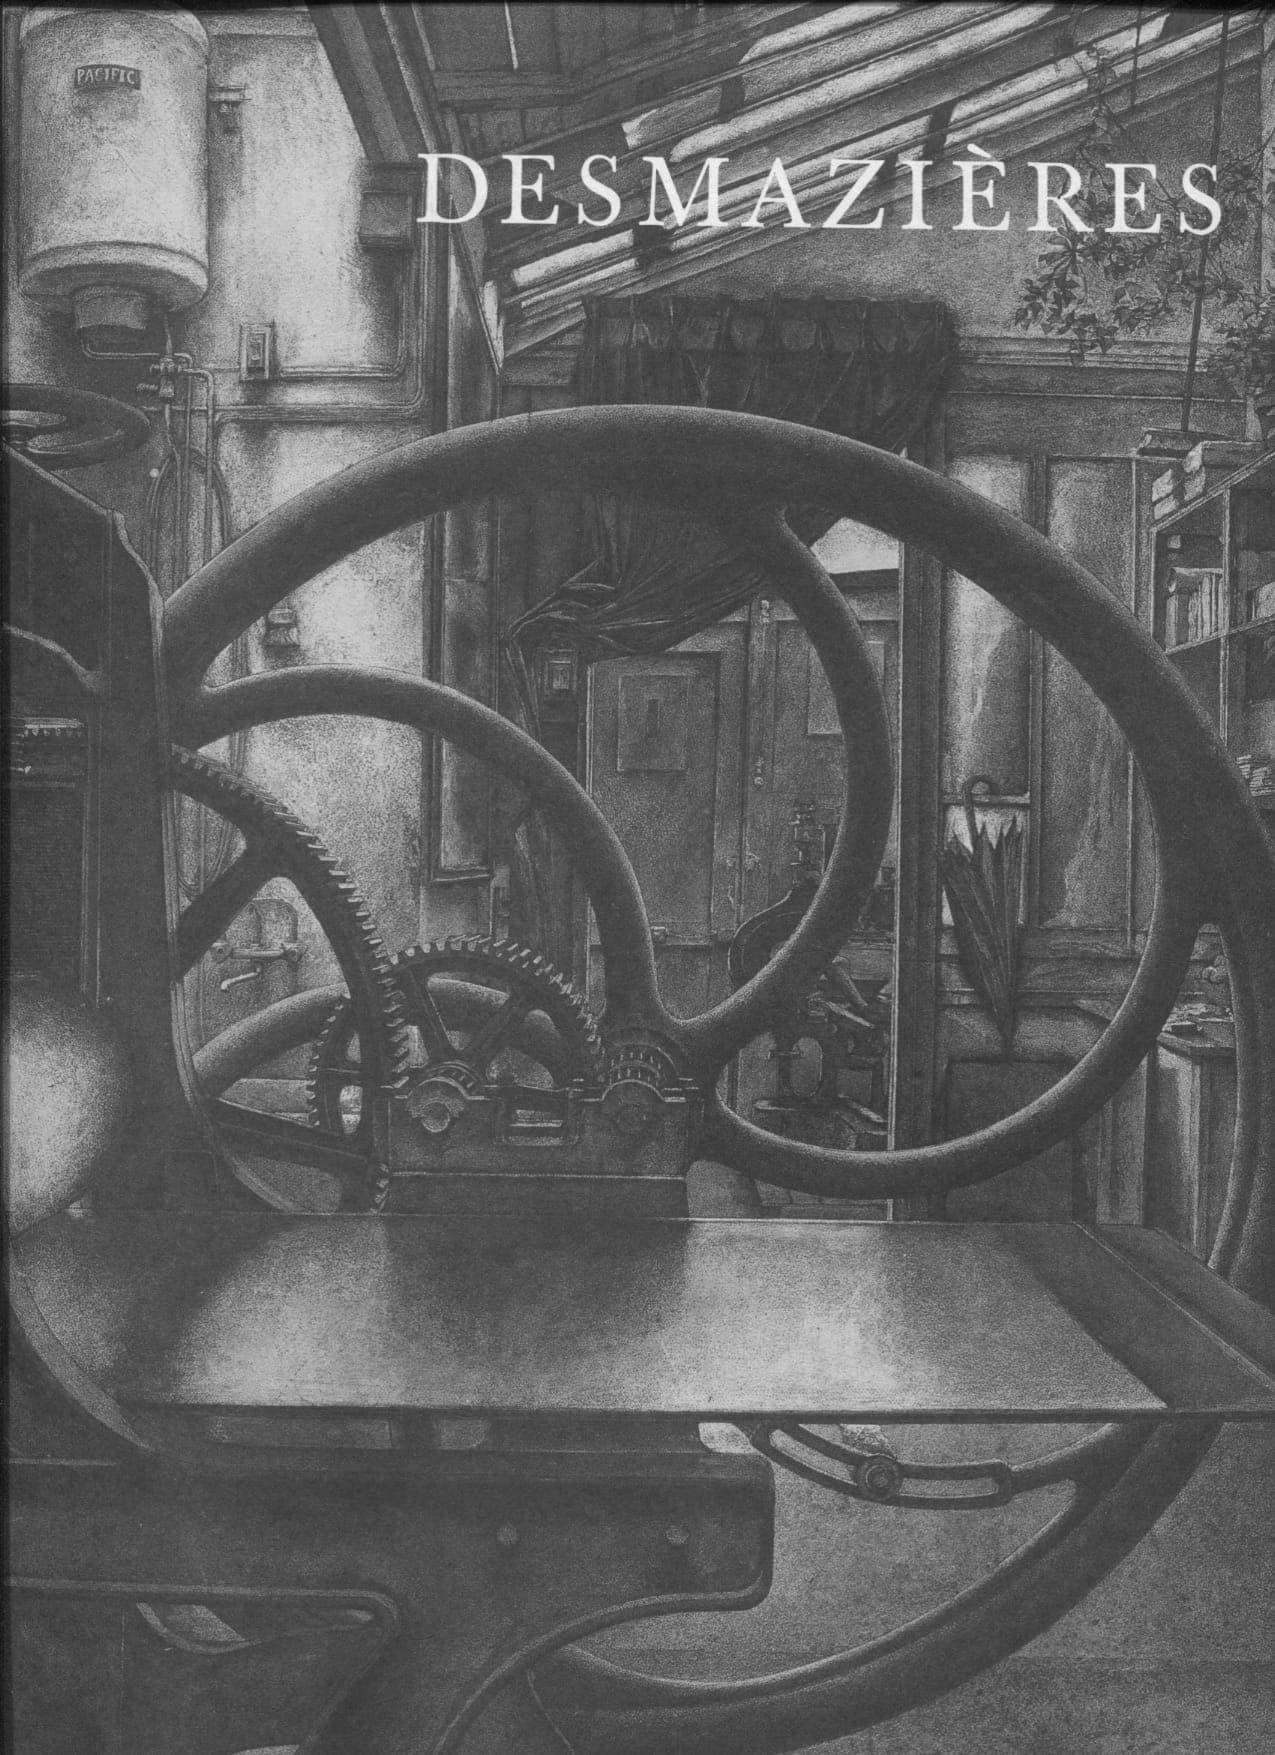 Érik Desmazières - The Graphic Universe of Érik Desmazières